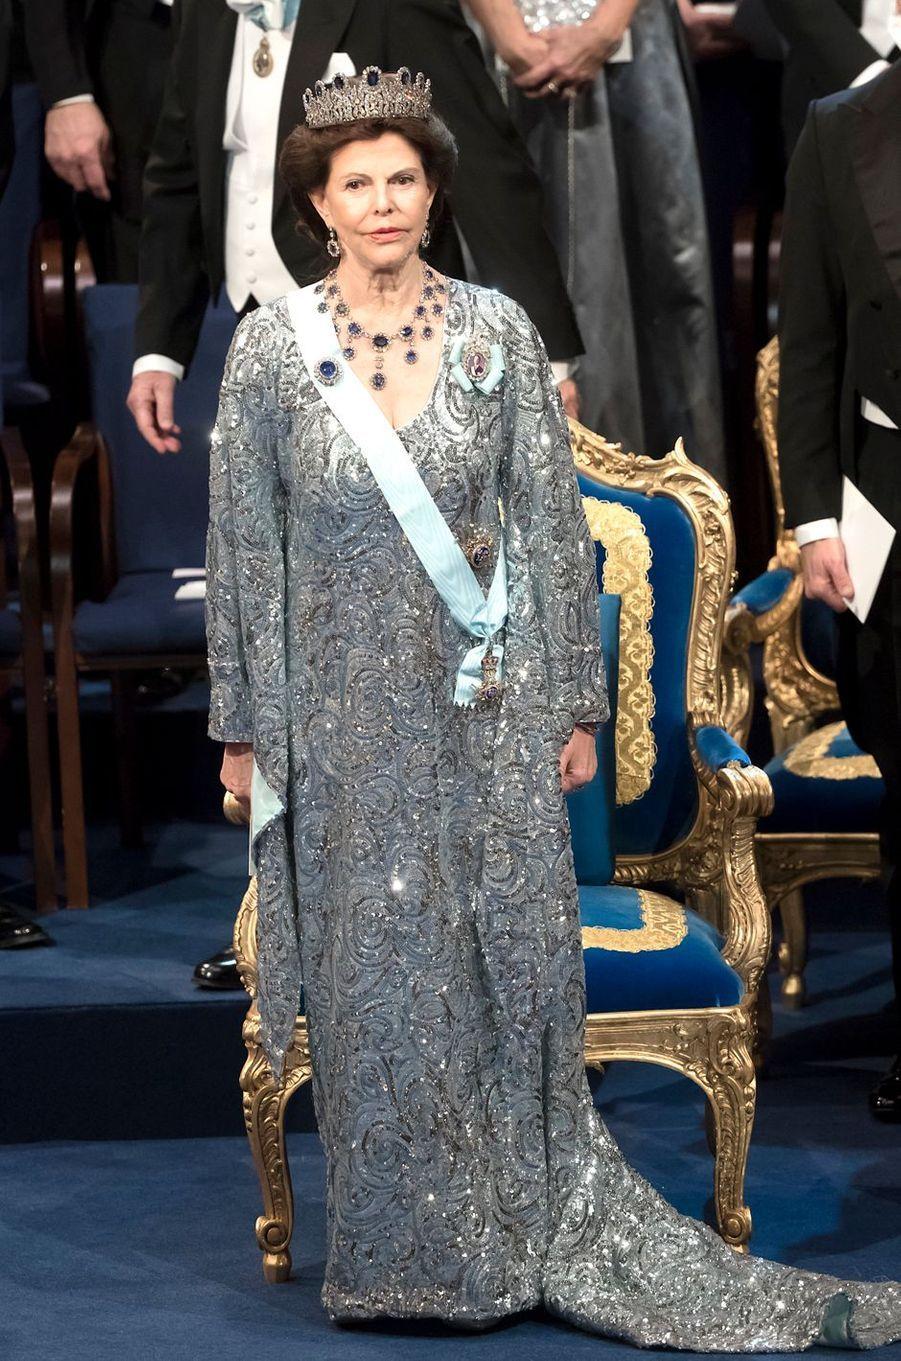 La reine Silvia de Suède à la cérémonie de remise des prix Nobel à Stockholm, le 10 décembre 2016